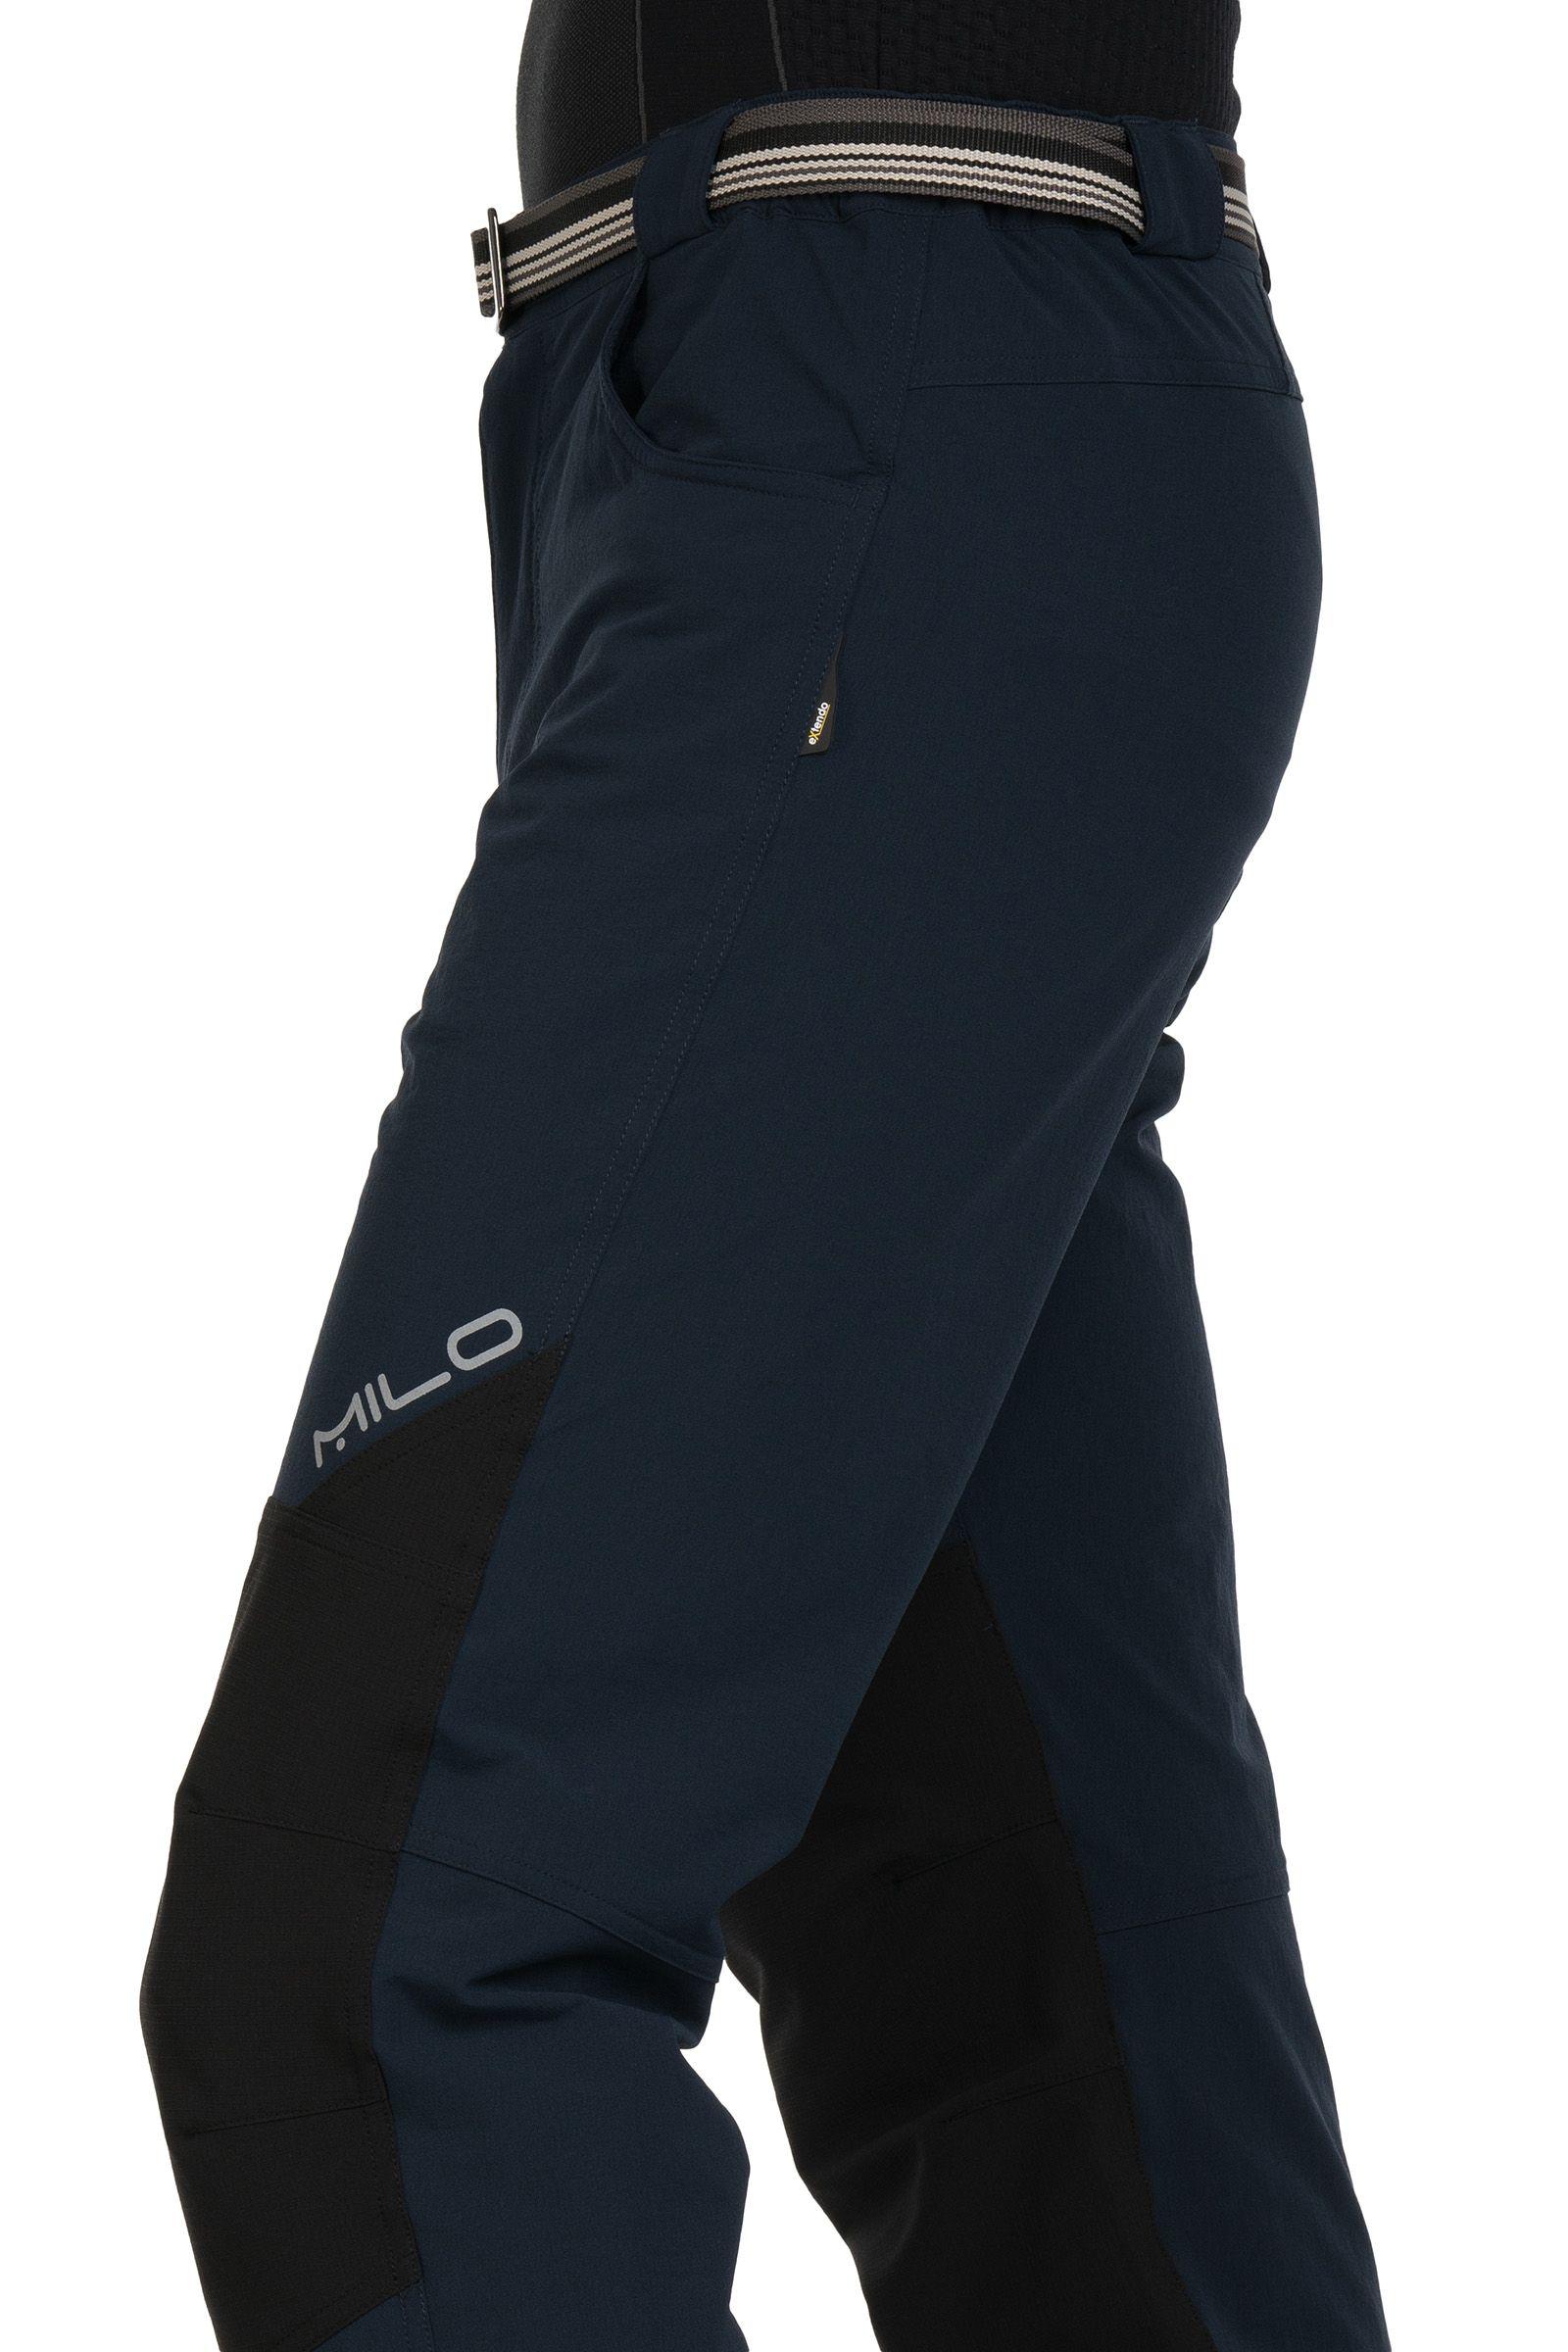 ranking spodnie milo tacul